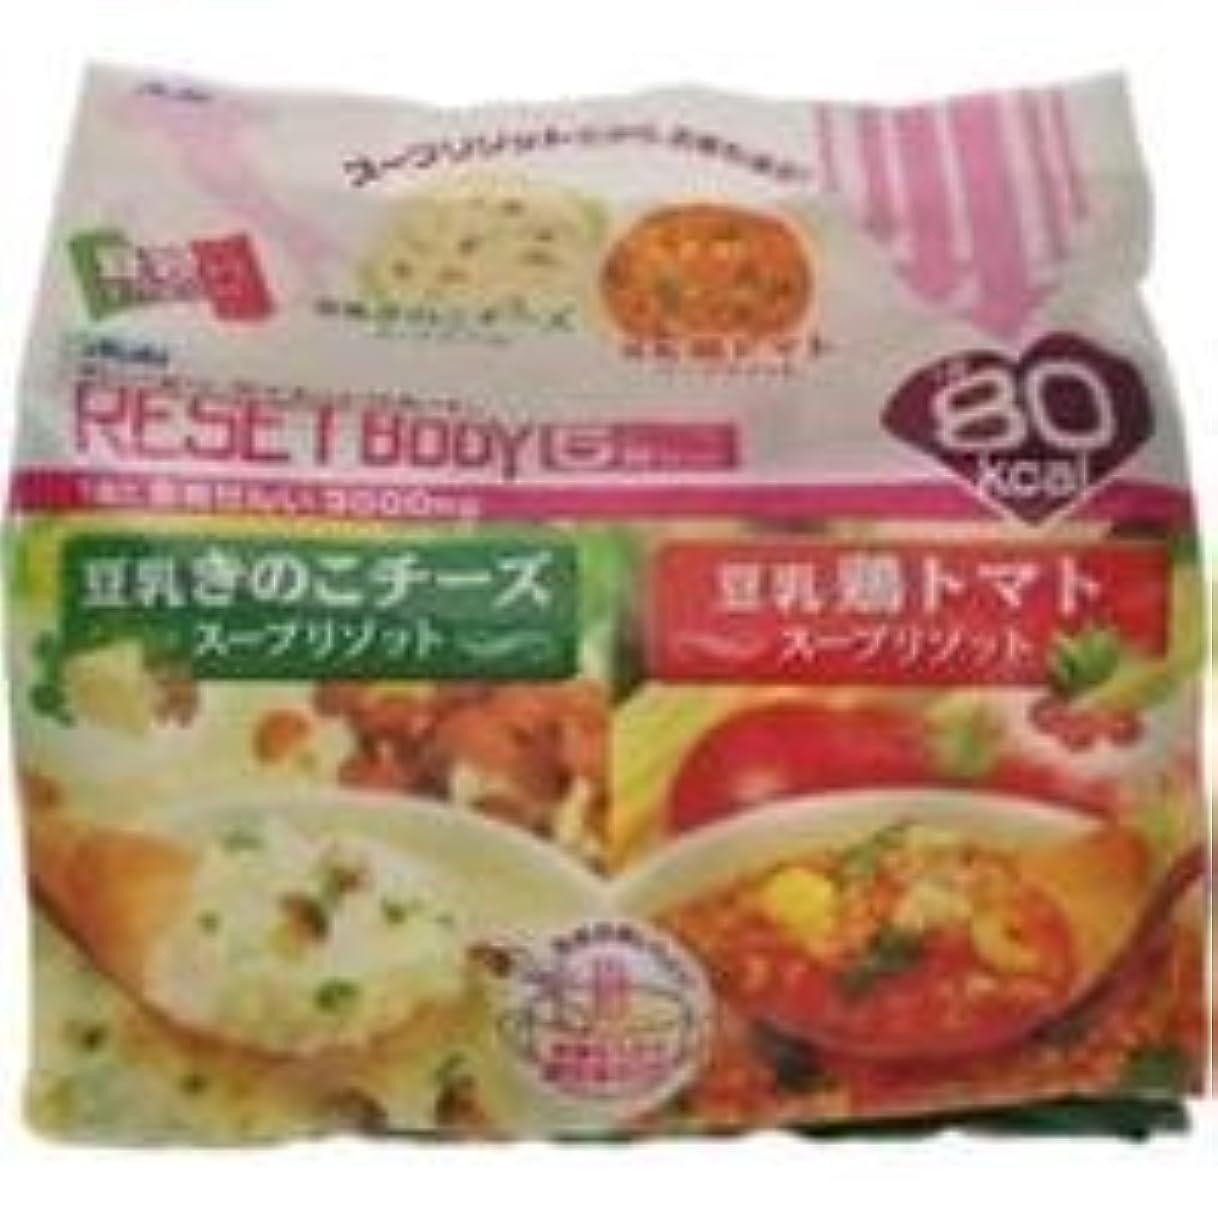 連結するチャペル消化器リセットボディ リセットボディ 豆乳きのこチーズ&鶏トマトスープリゾット 5食 きのこ3食+???2食 1袋